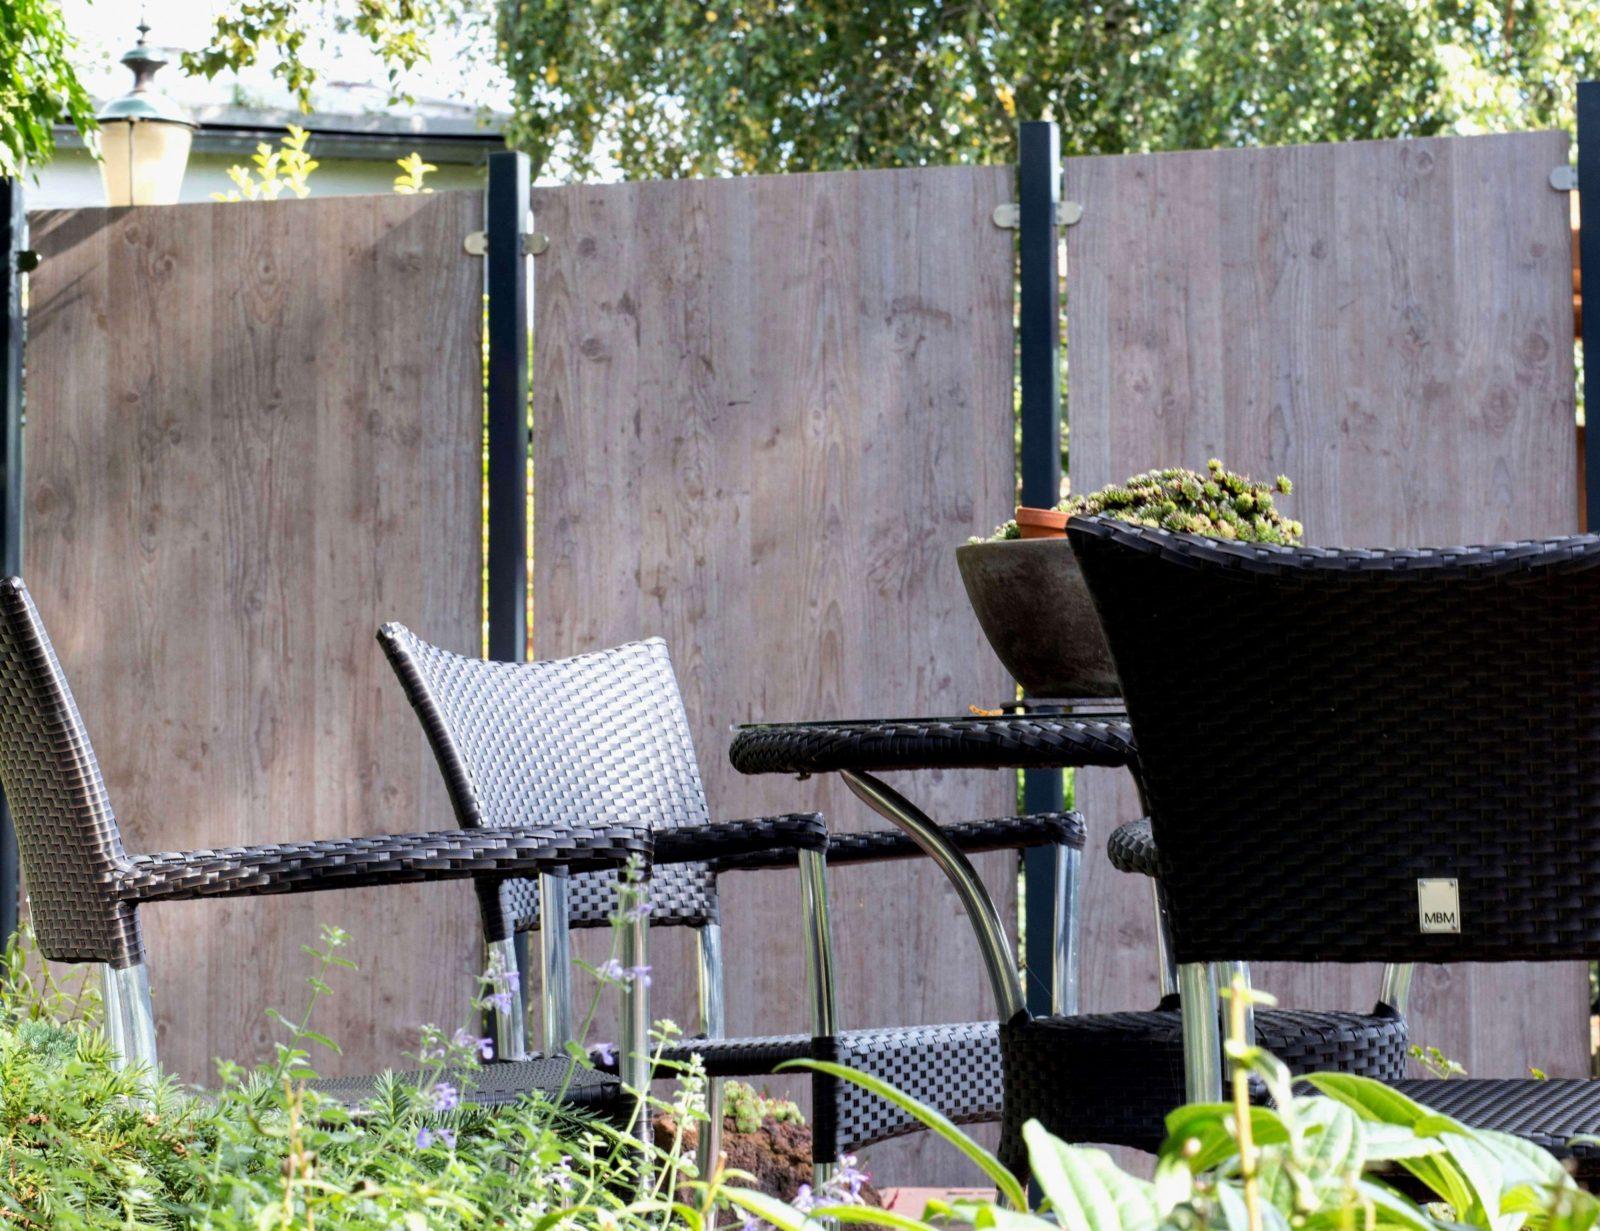 30 Einzigartig Sichtschutz Garten Ideen Günstig Neu von Sichtschutz Garten Ideen Günstig Photo